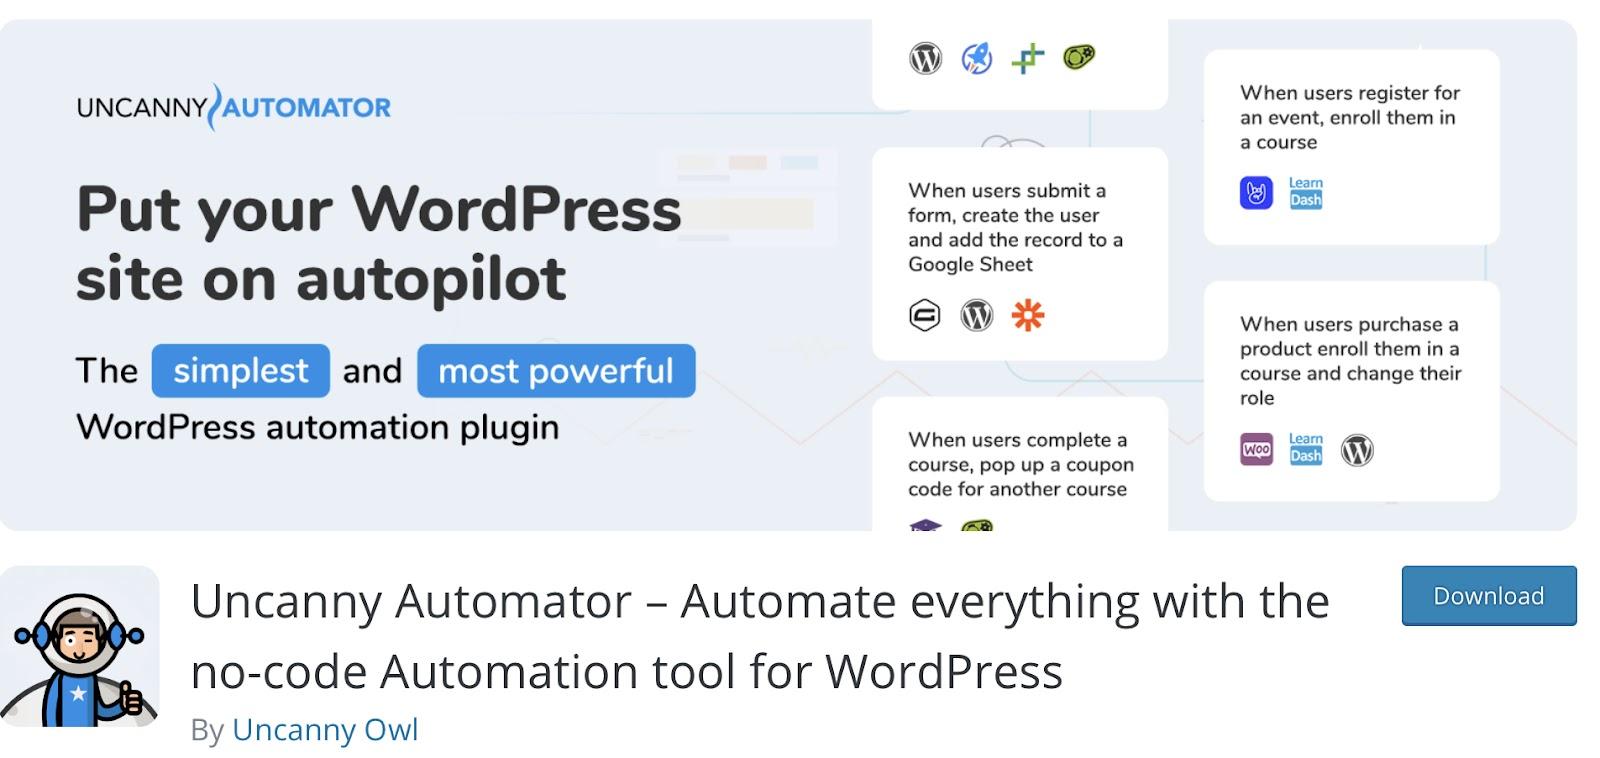 Uncanny Automator WooCommerce Plugins